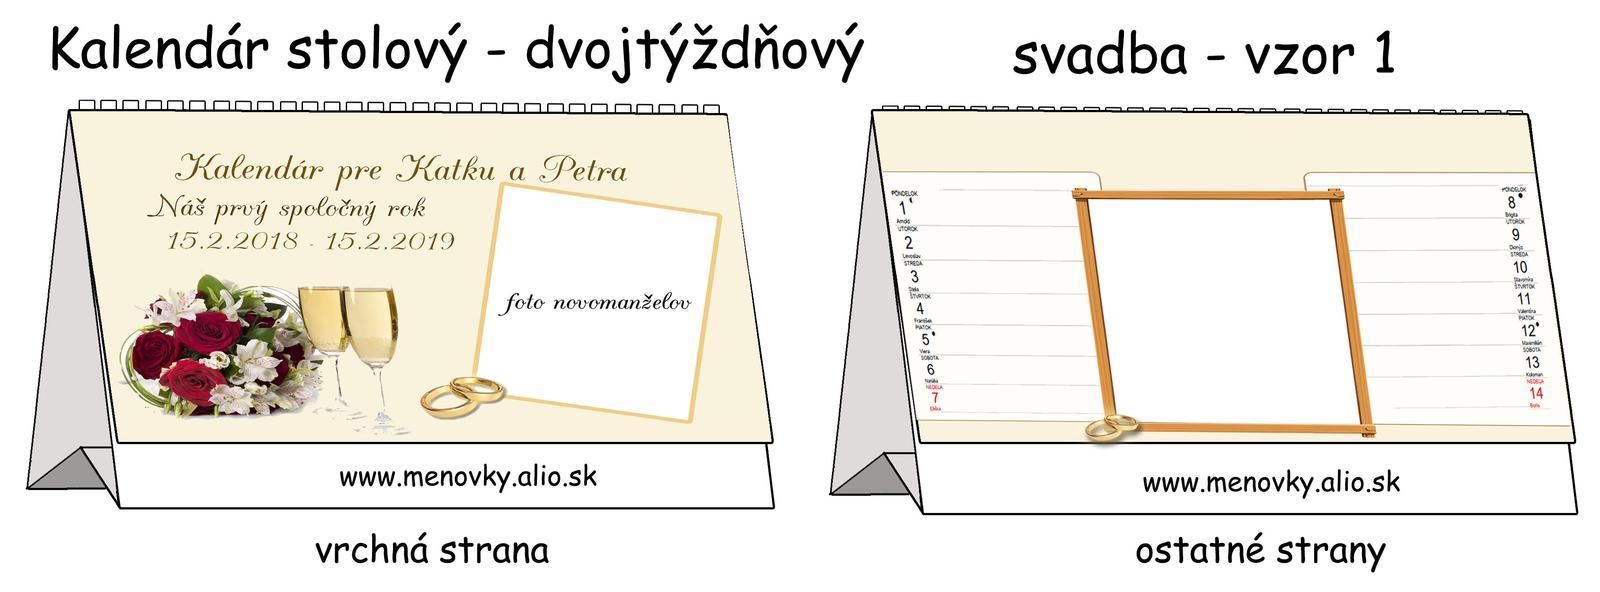 kalendar stolovy ako darcek pre novomanzelov - Obrázok č. 1